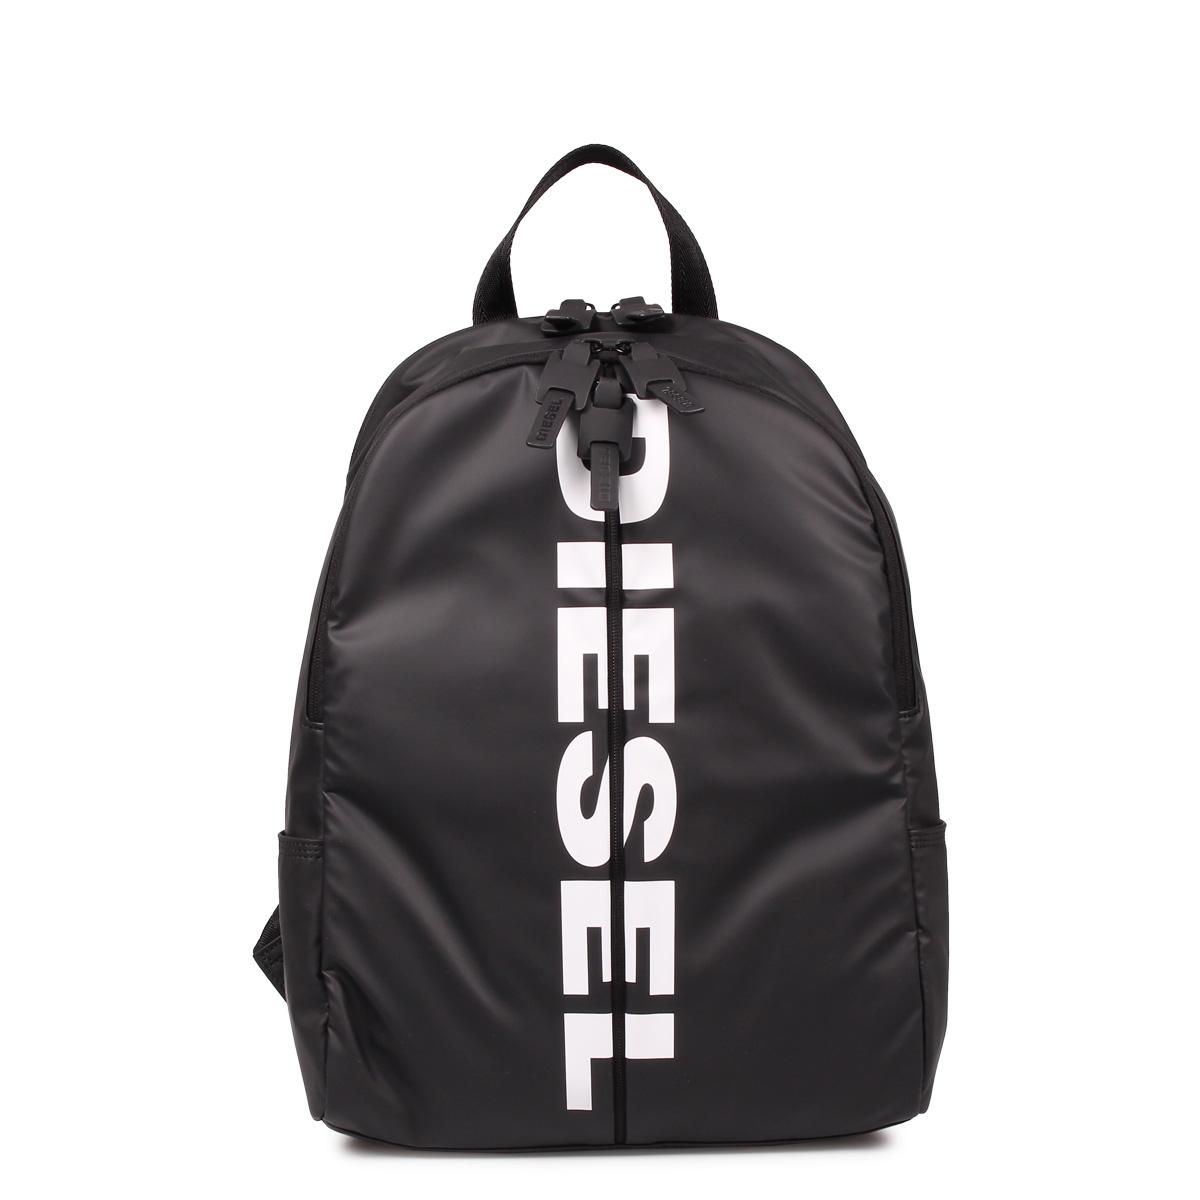 DIESEL BOLD BACK 2 ディーゼル バッグ リュック バックパック メンズ レディース ブラック 黒 X06330 P1705